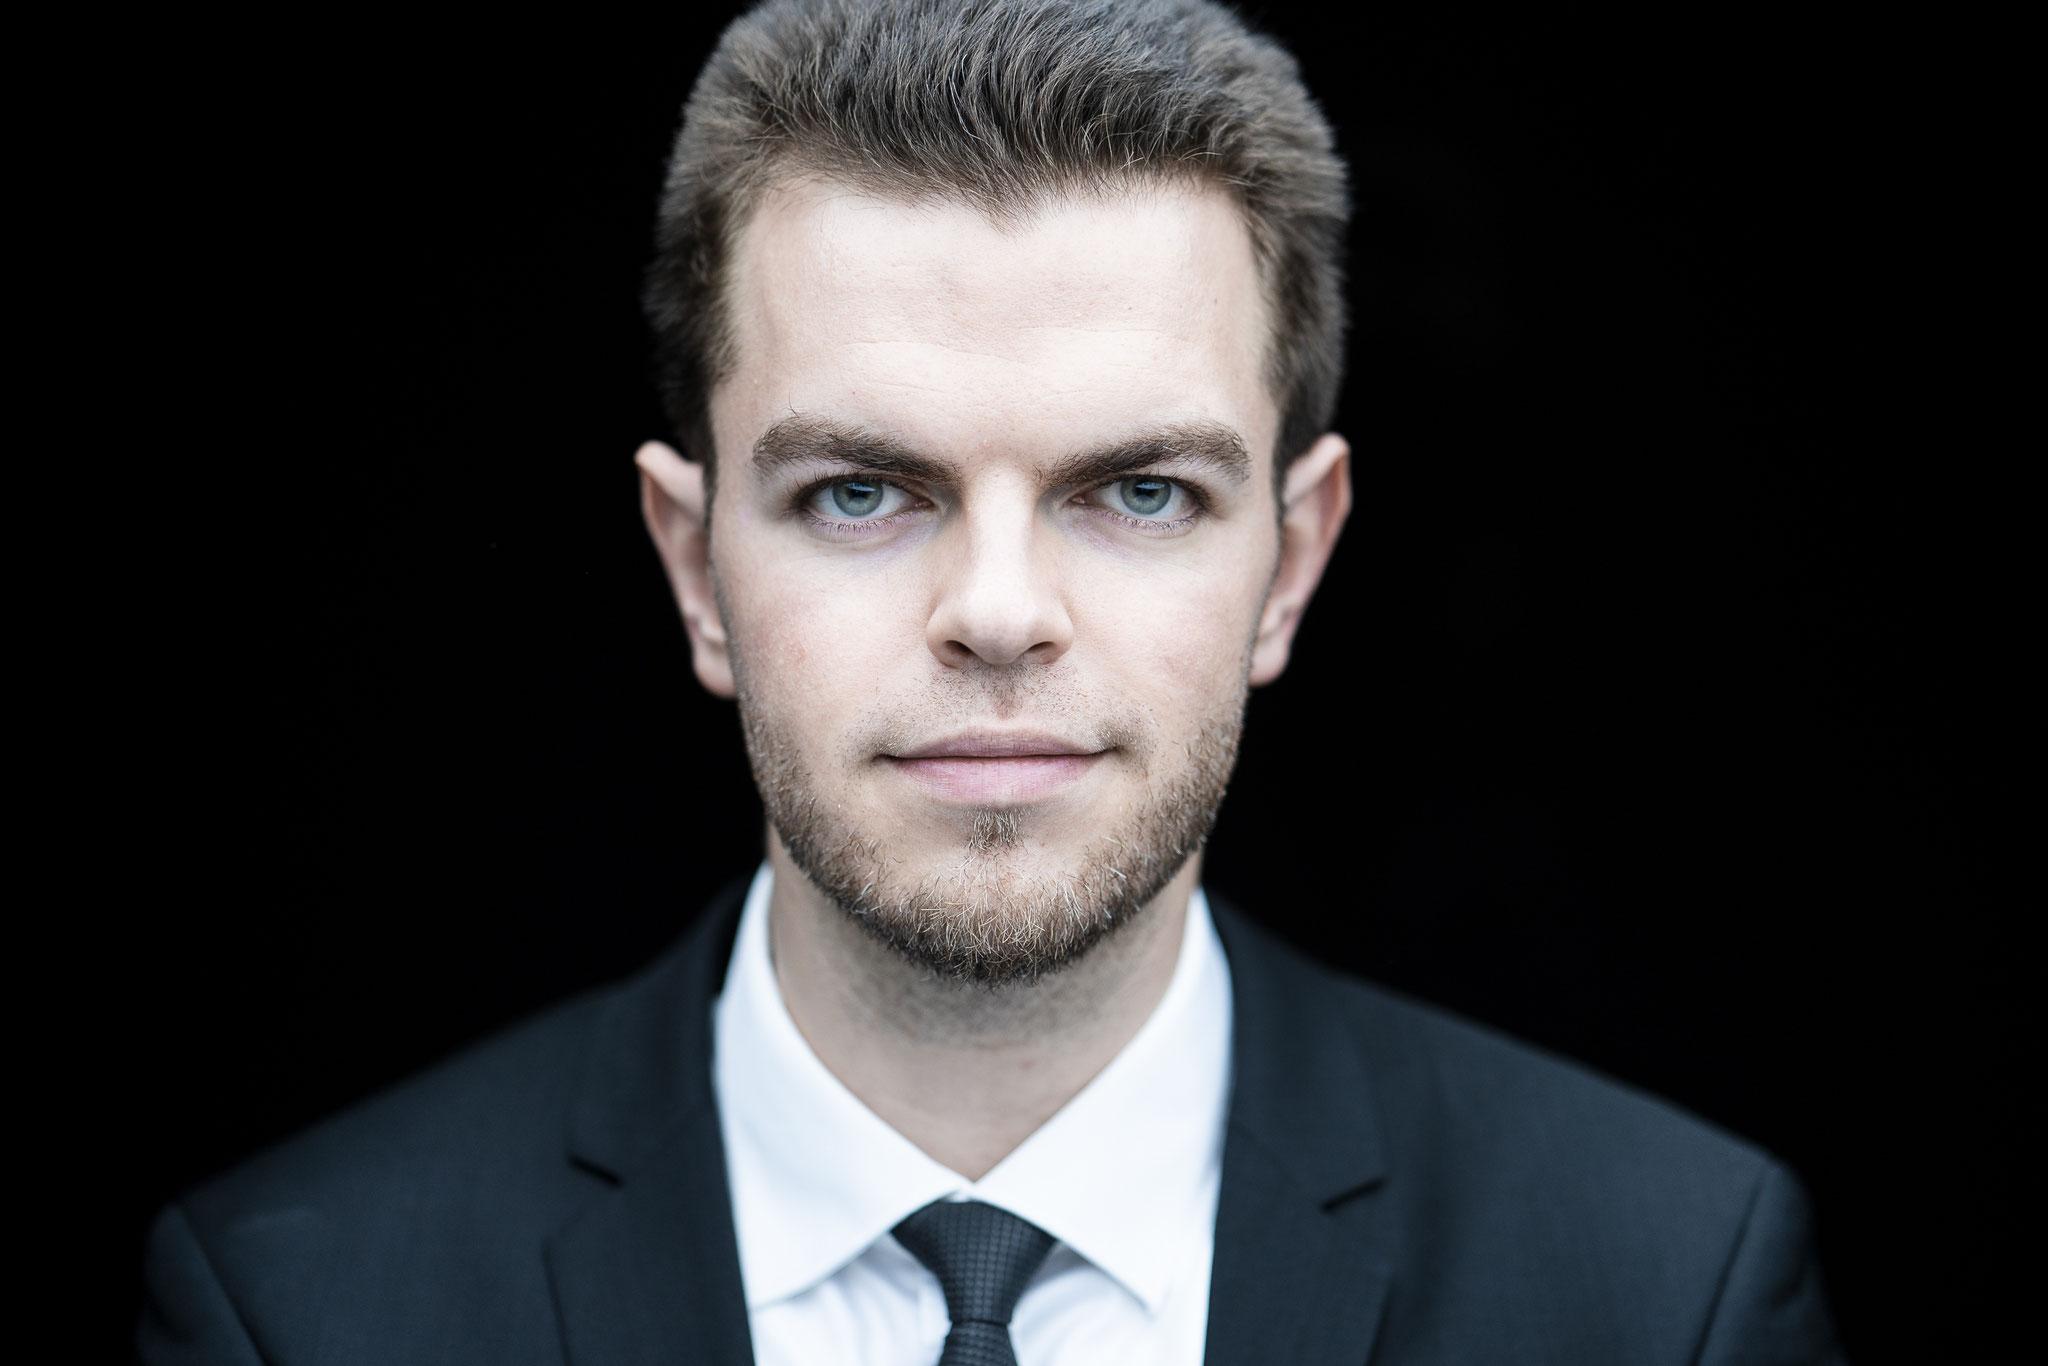 Marcus MERKEL, conductor